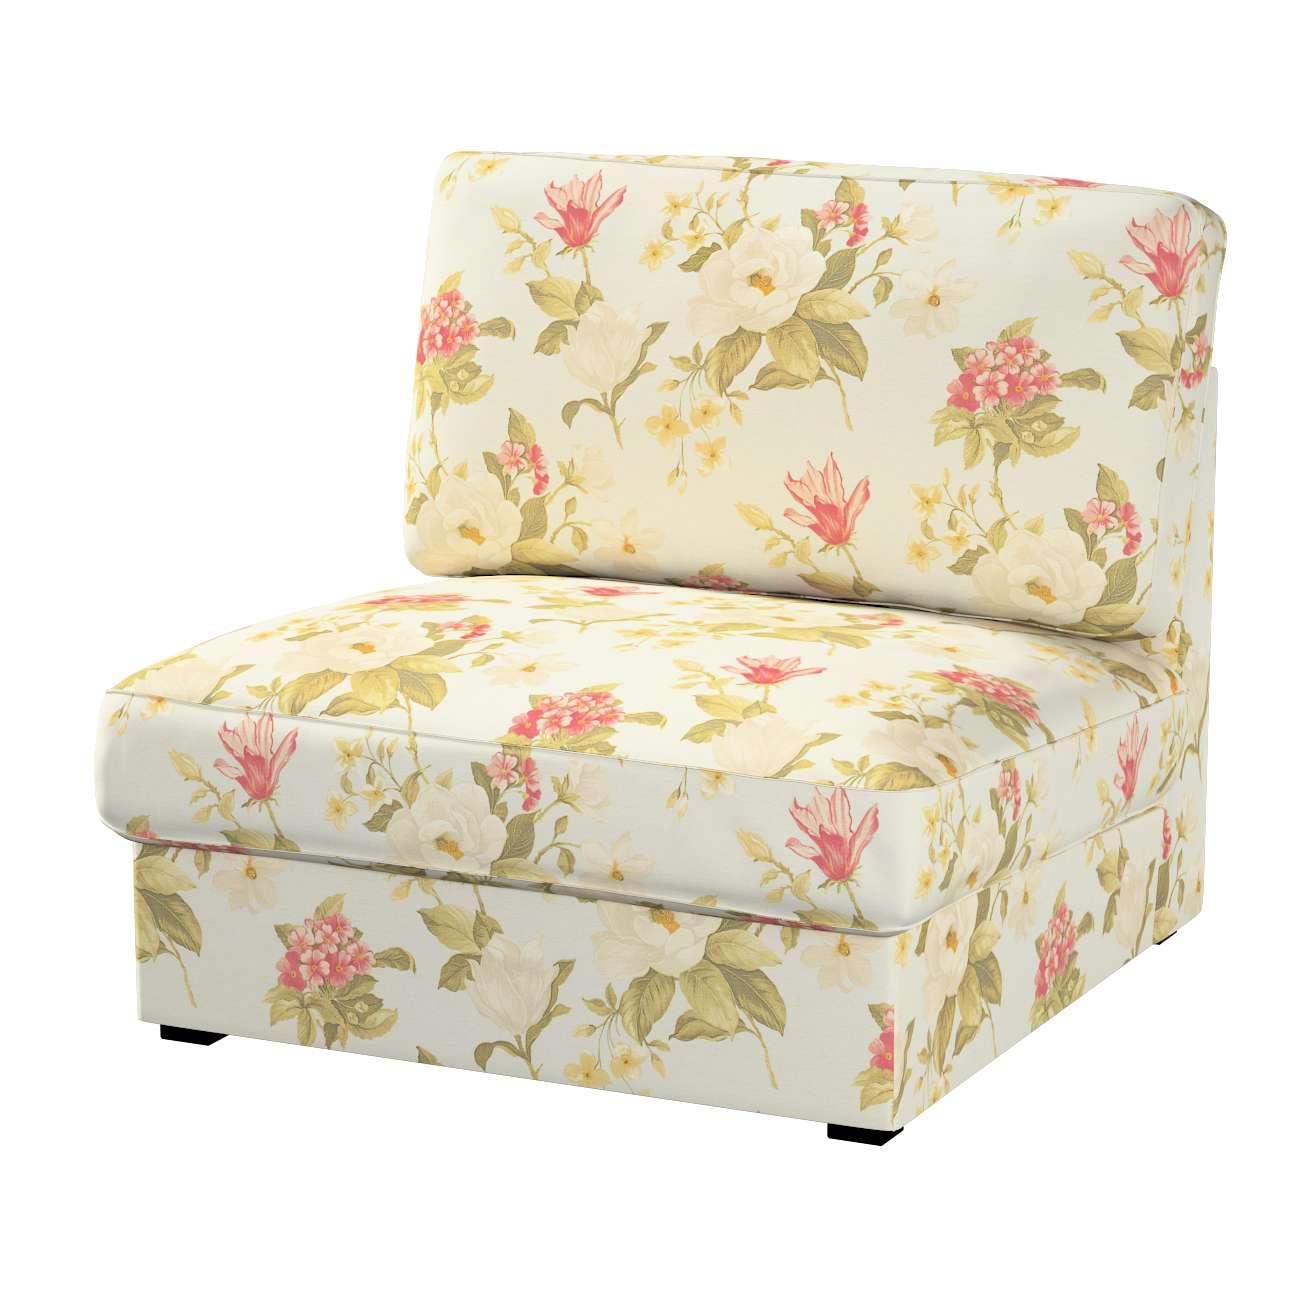 KIVIK fotelio/vienvietės dalies užvalkalas Kivik armchair kolekcijoje Londres, audinys: 123-65